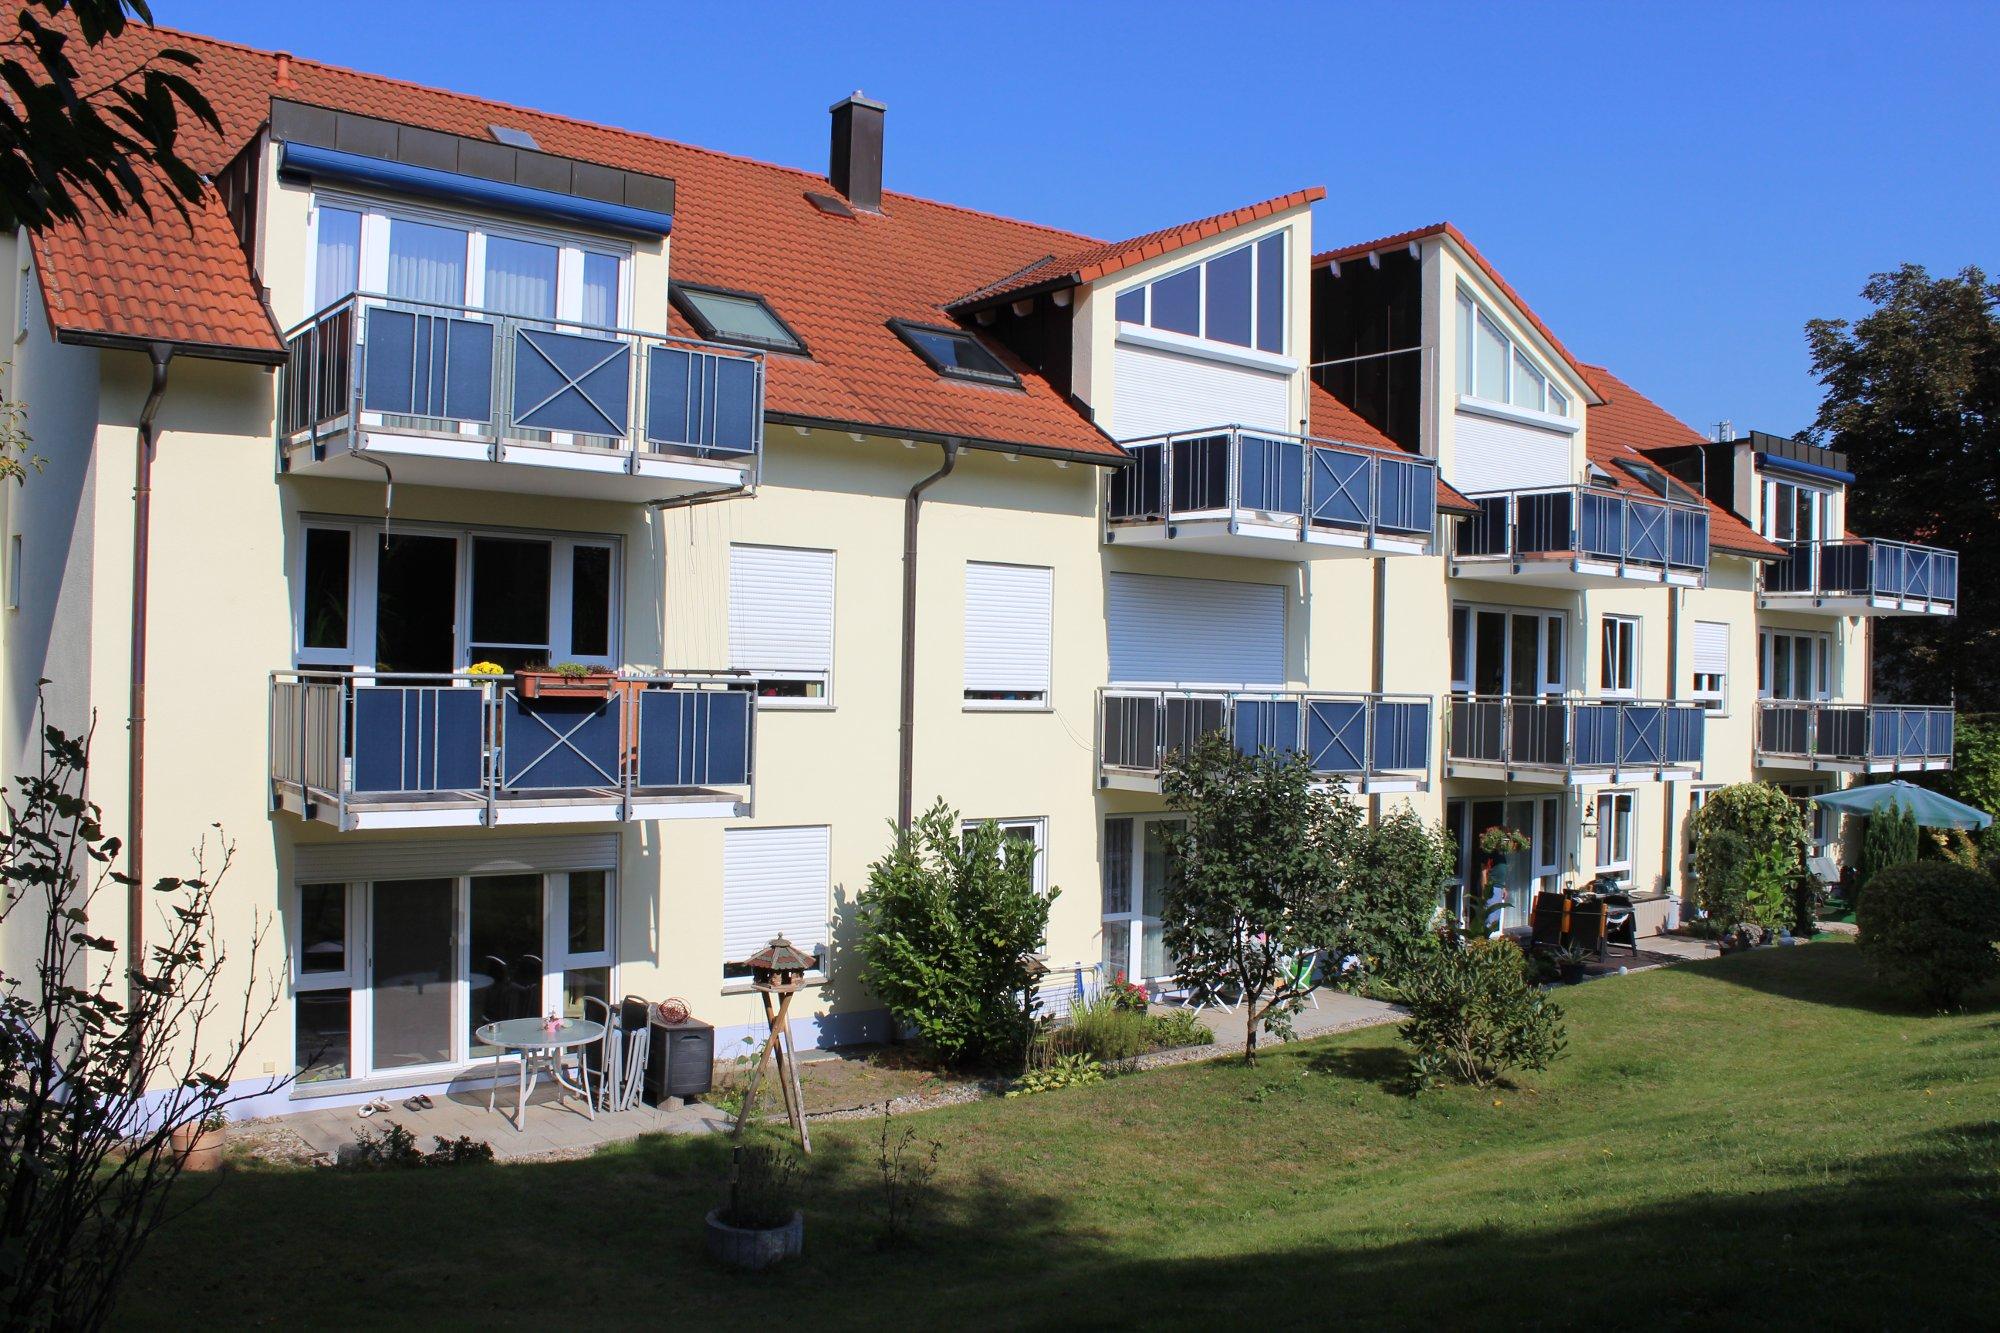 Giebelsanierung, Fassadenanstrich in Borna Rückseite - Nachher